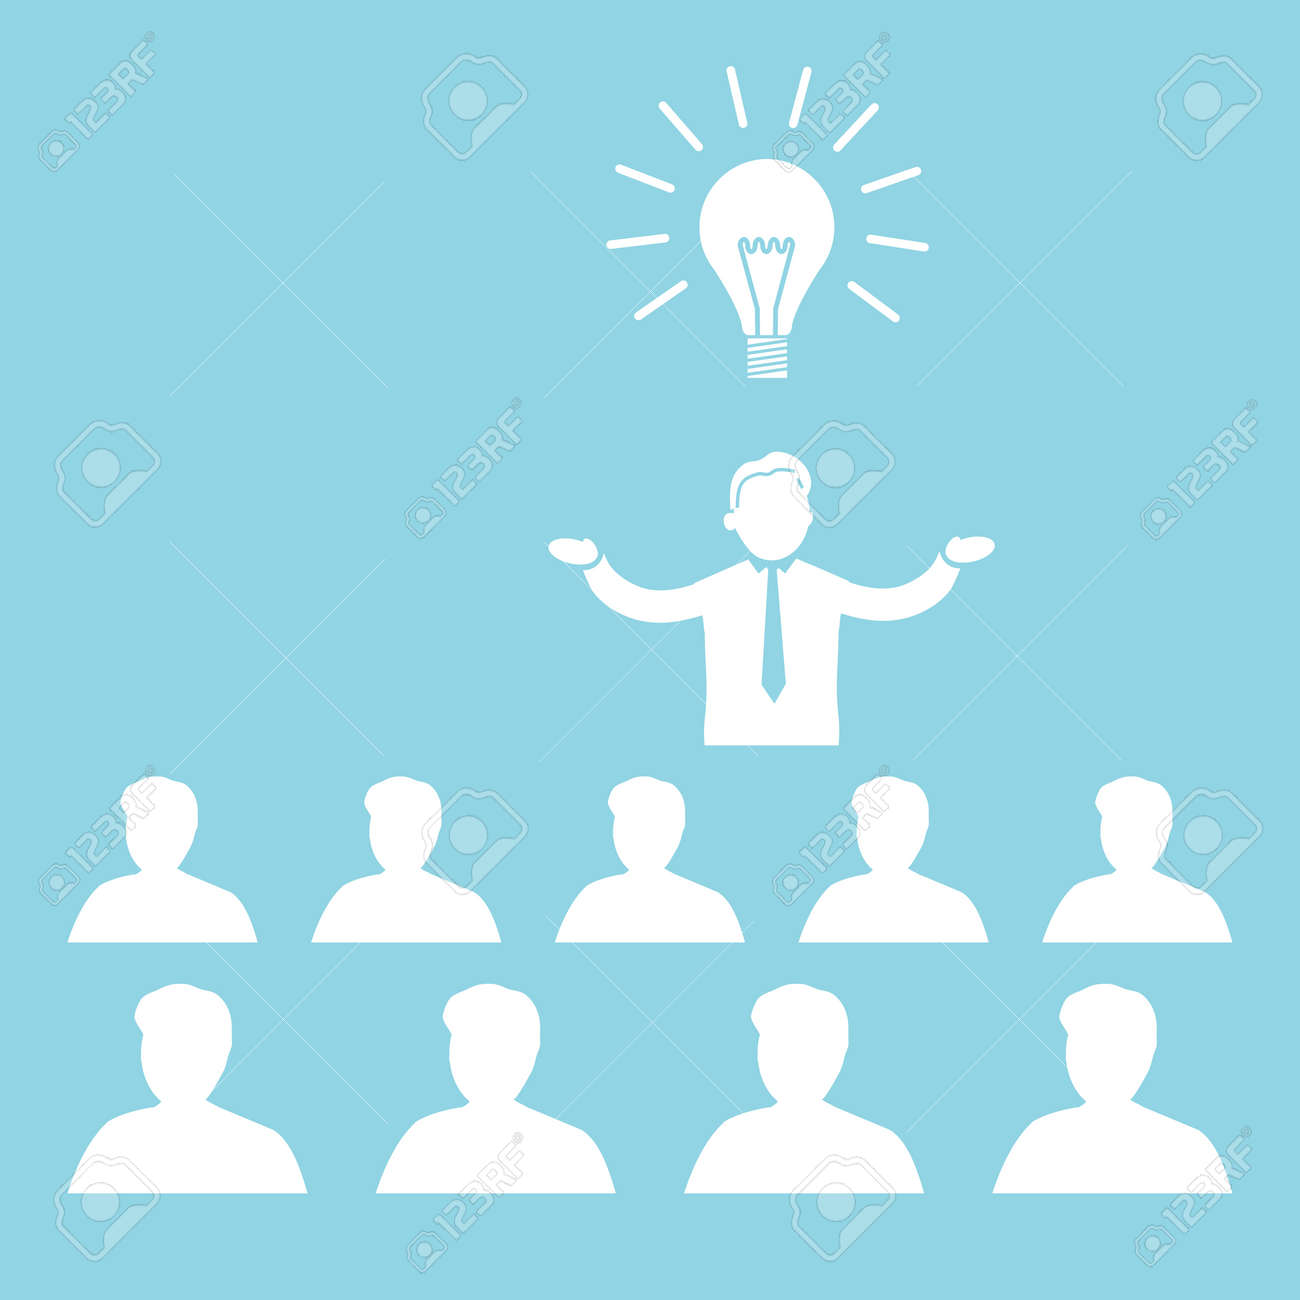 Flache Design Business Symbol Des Manager Präsentiert Neue Idee Auf ...